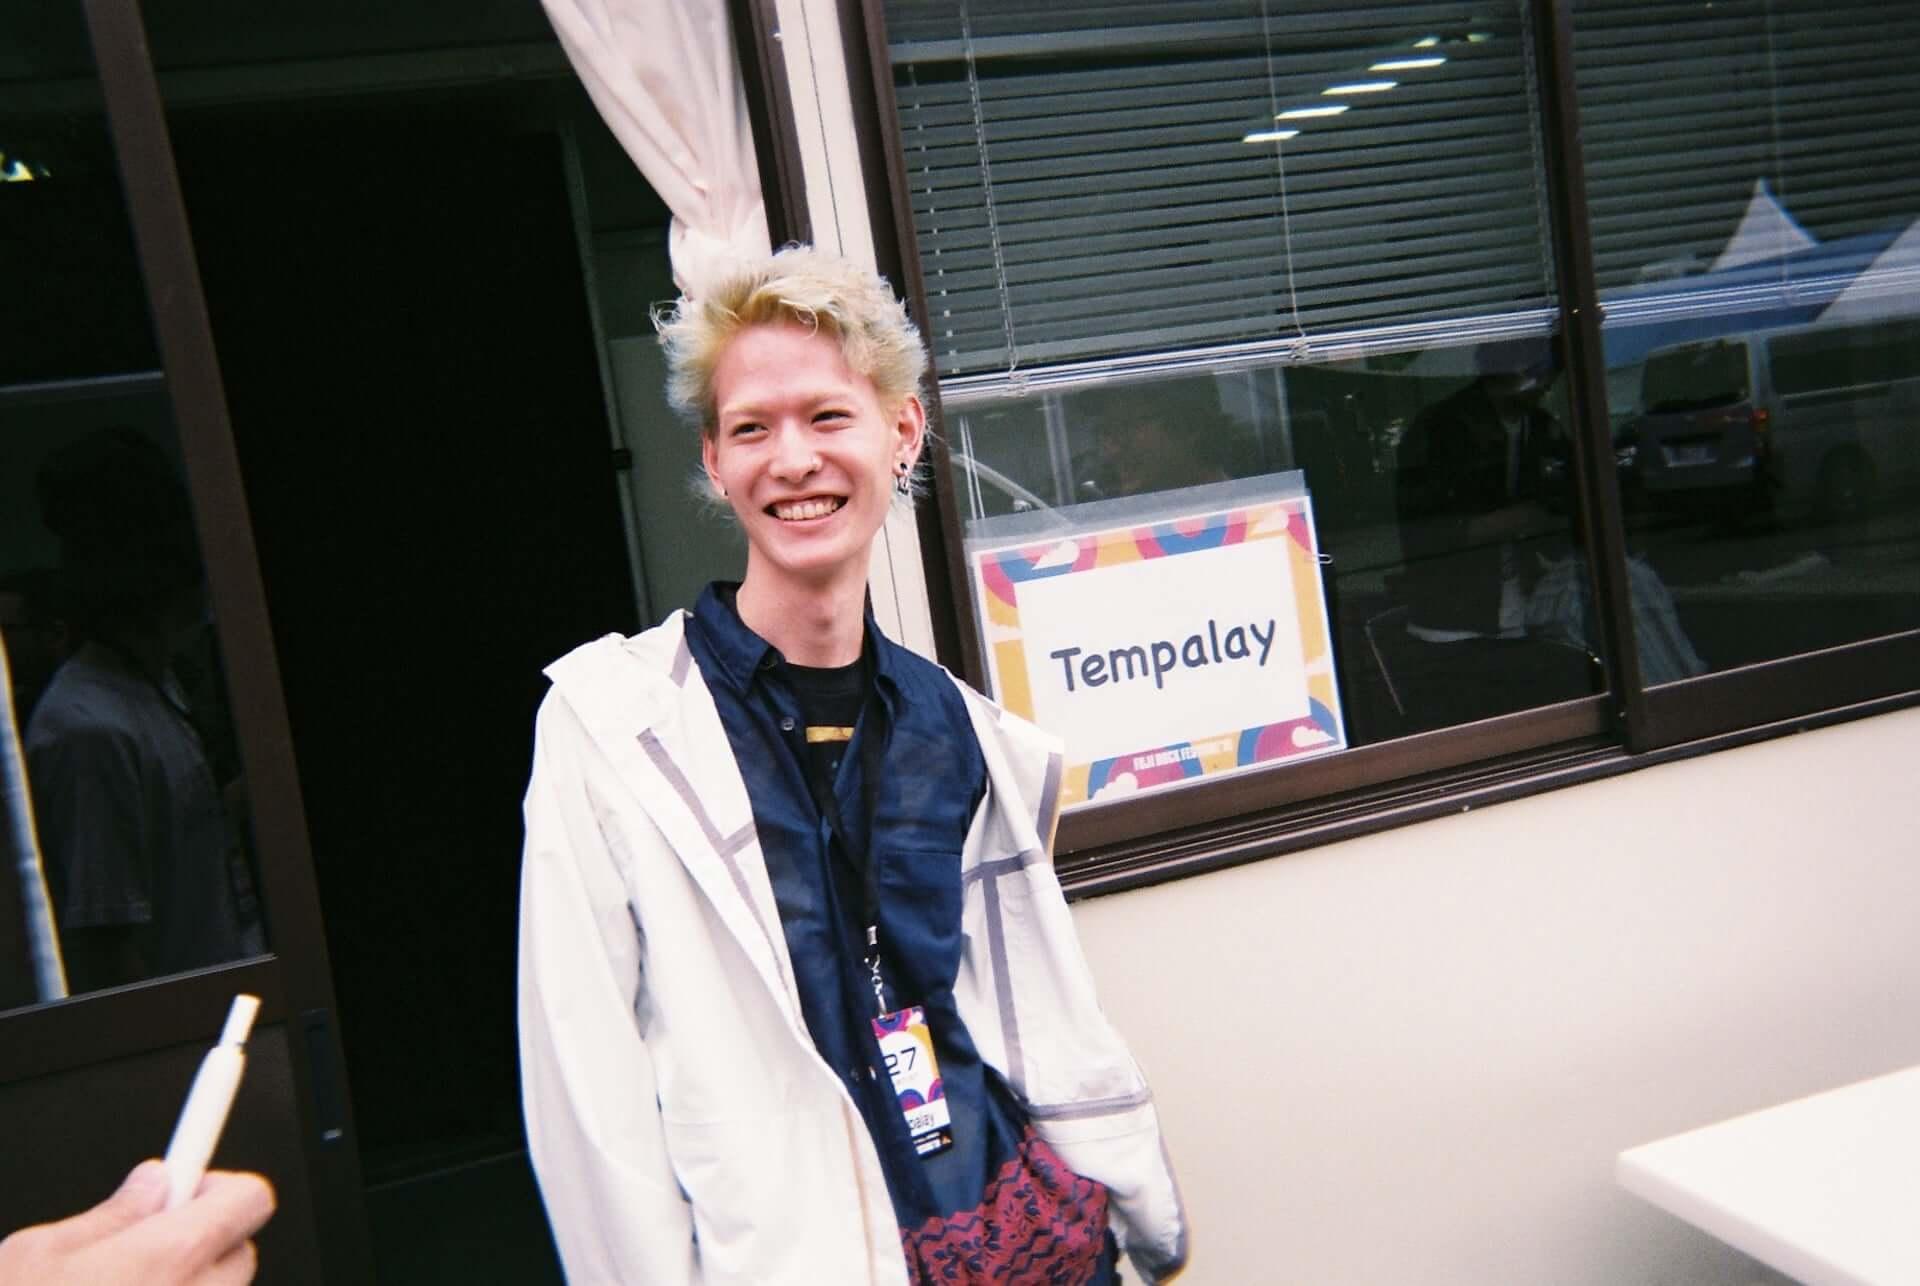 フェスレポート|Tempalayが切り取る<FUJI ROCK FESTIVAL'19> FH000009.jpg-1920x1286